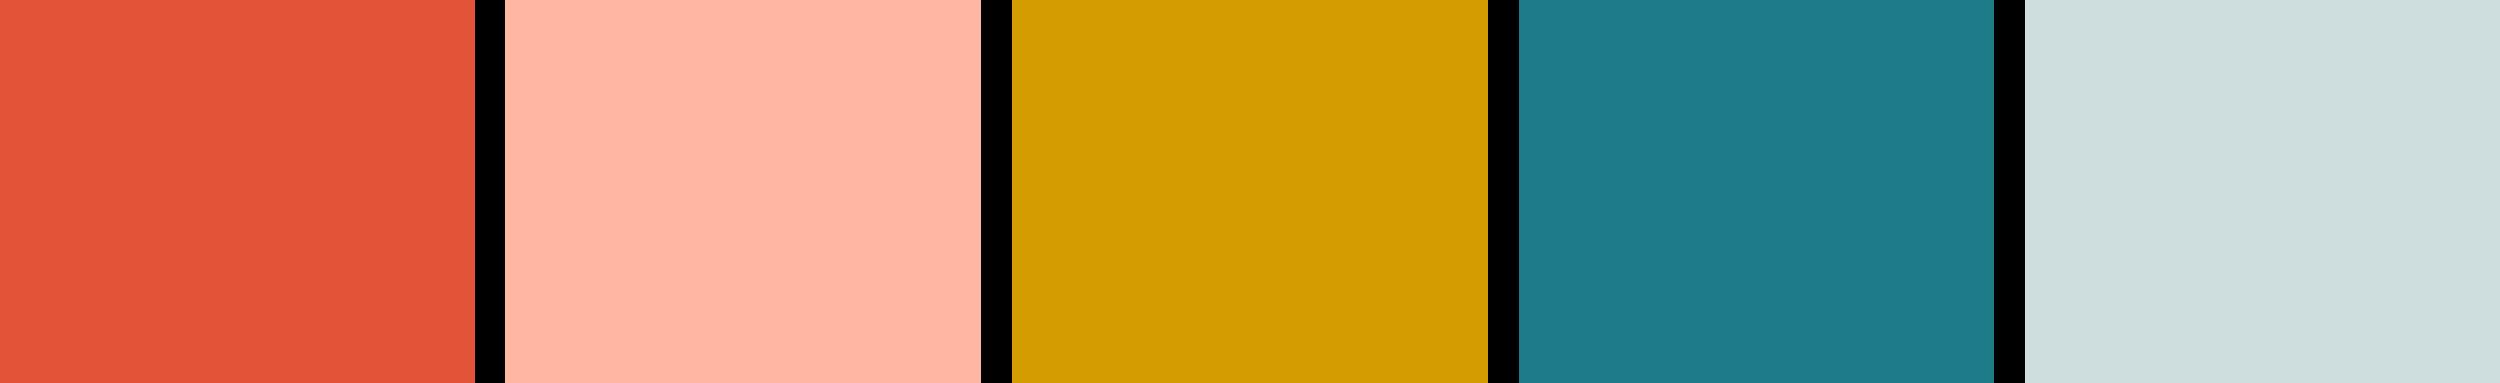 Samara Color Palette-03.png